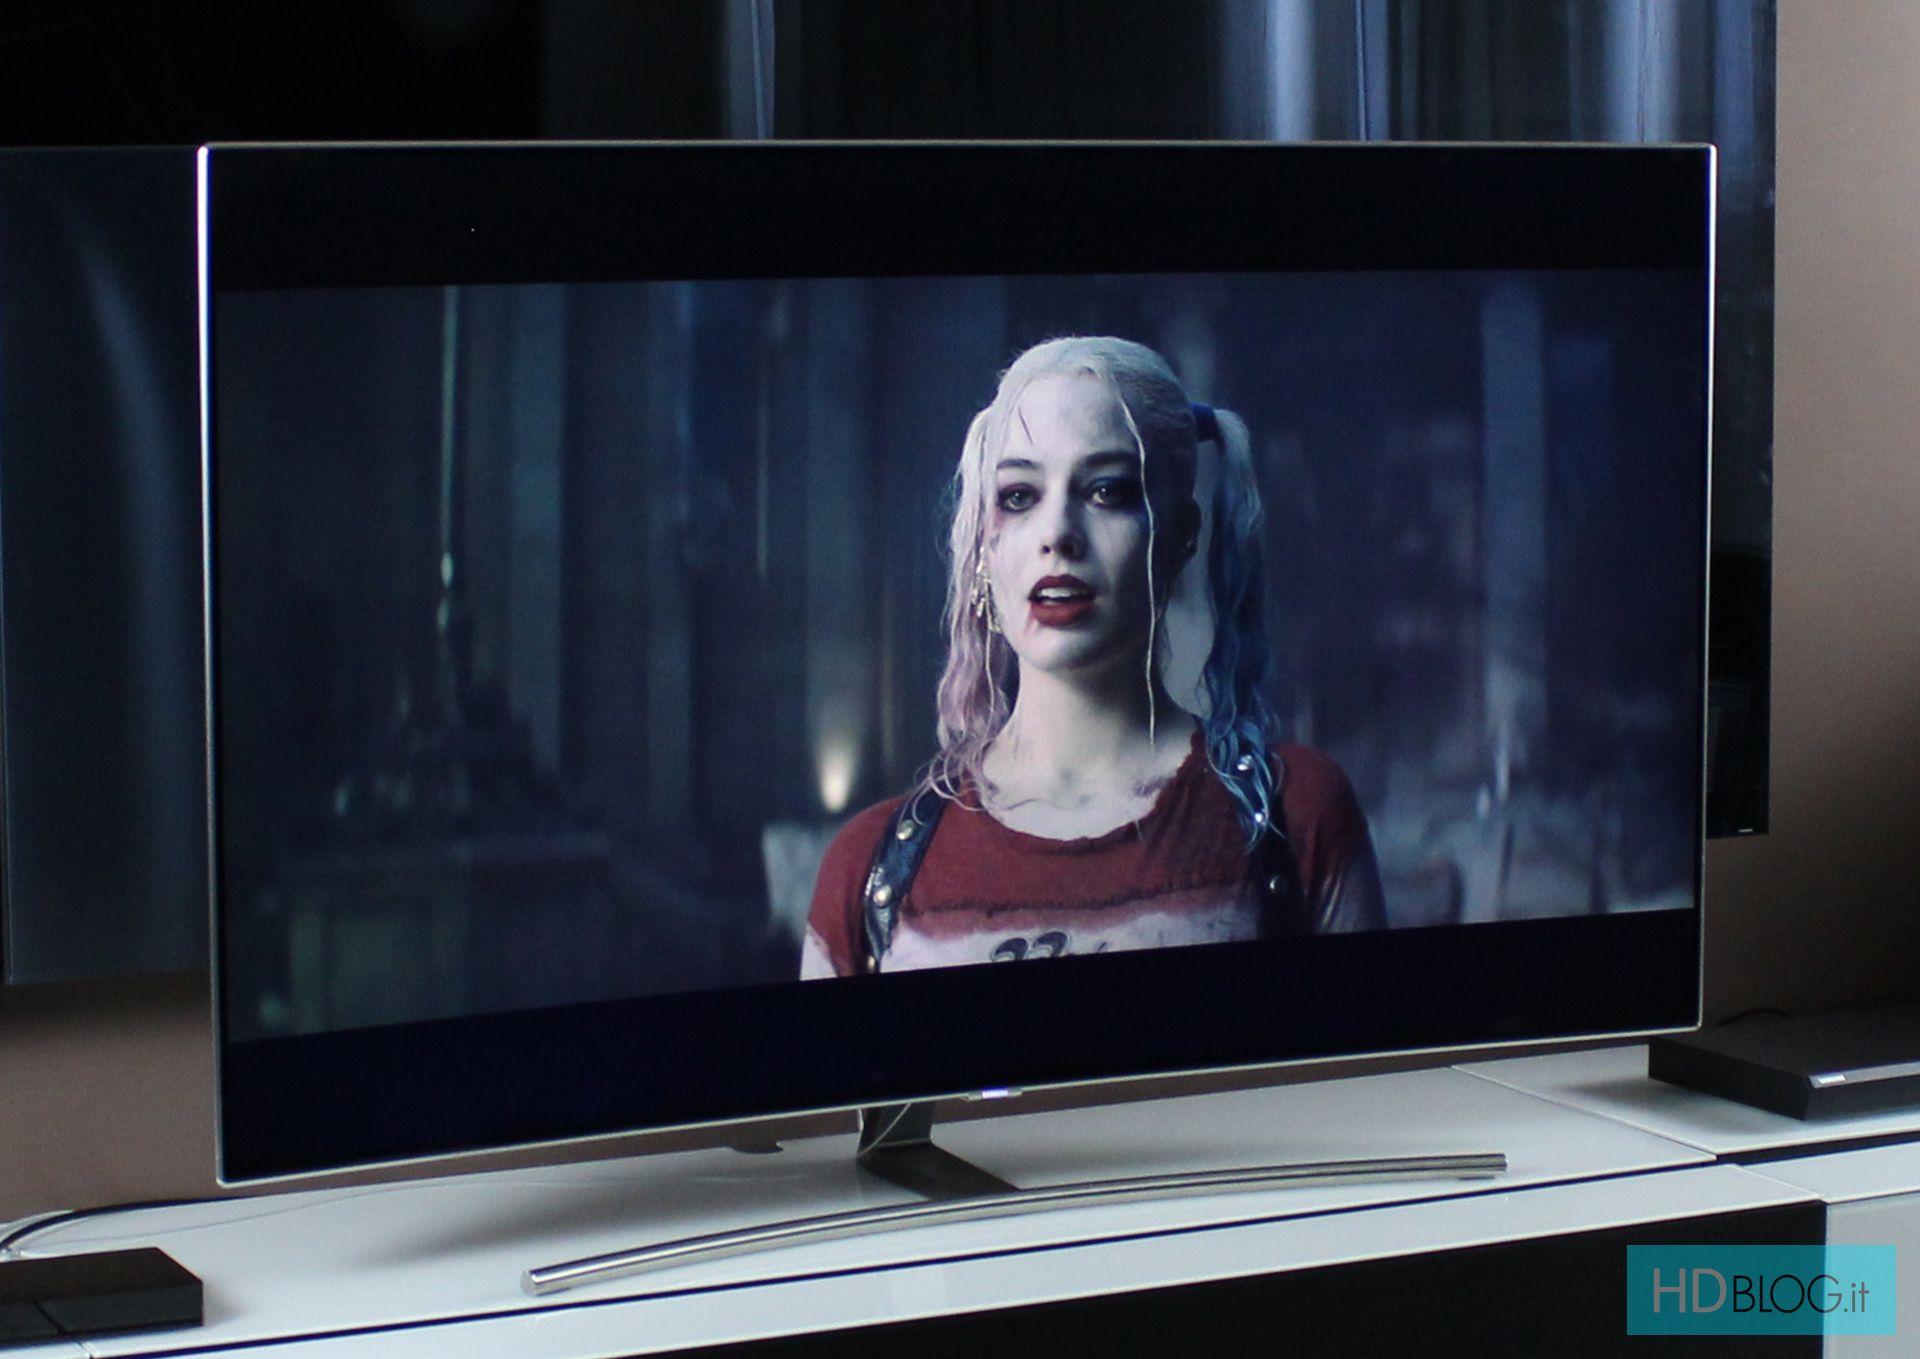 La Gamma TV 2017 Di Samsung Ha Portato Non Solo Nuovi Modelli Ma Anche Un  Marchio Rinnovato Che Raggruppa Tutti I Top Di Gamma. Il Produttore Coreano  Ha ...